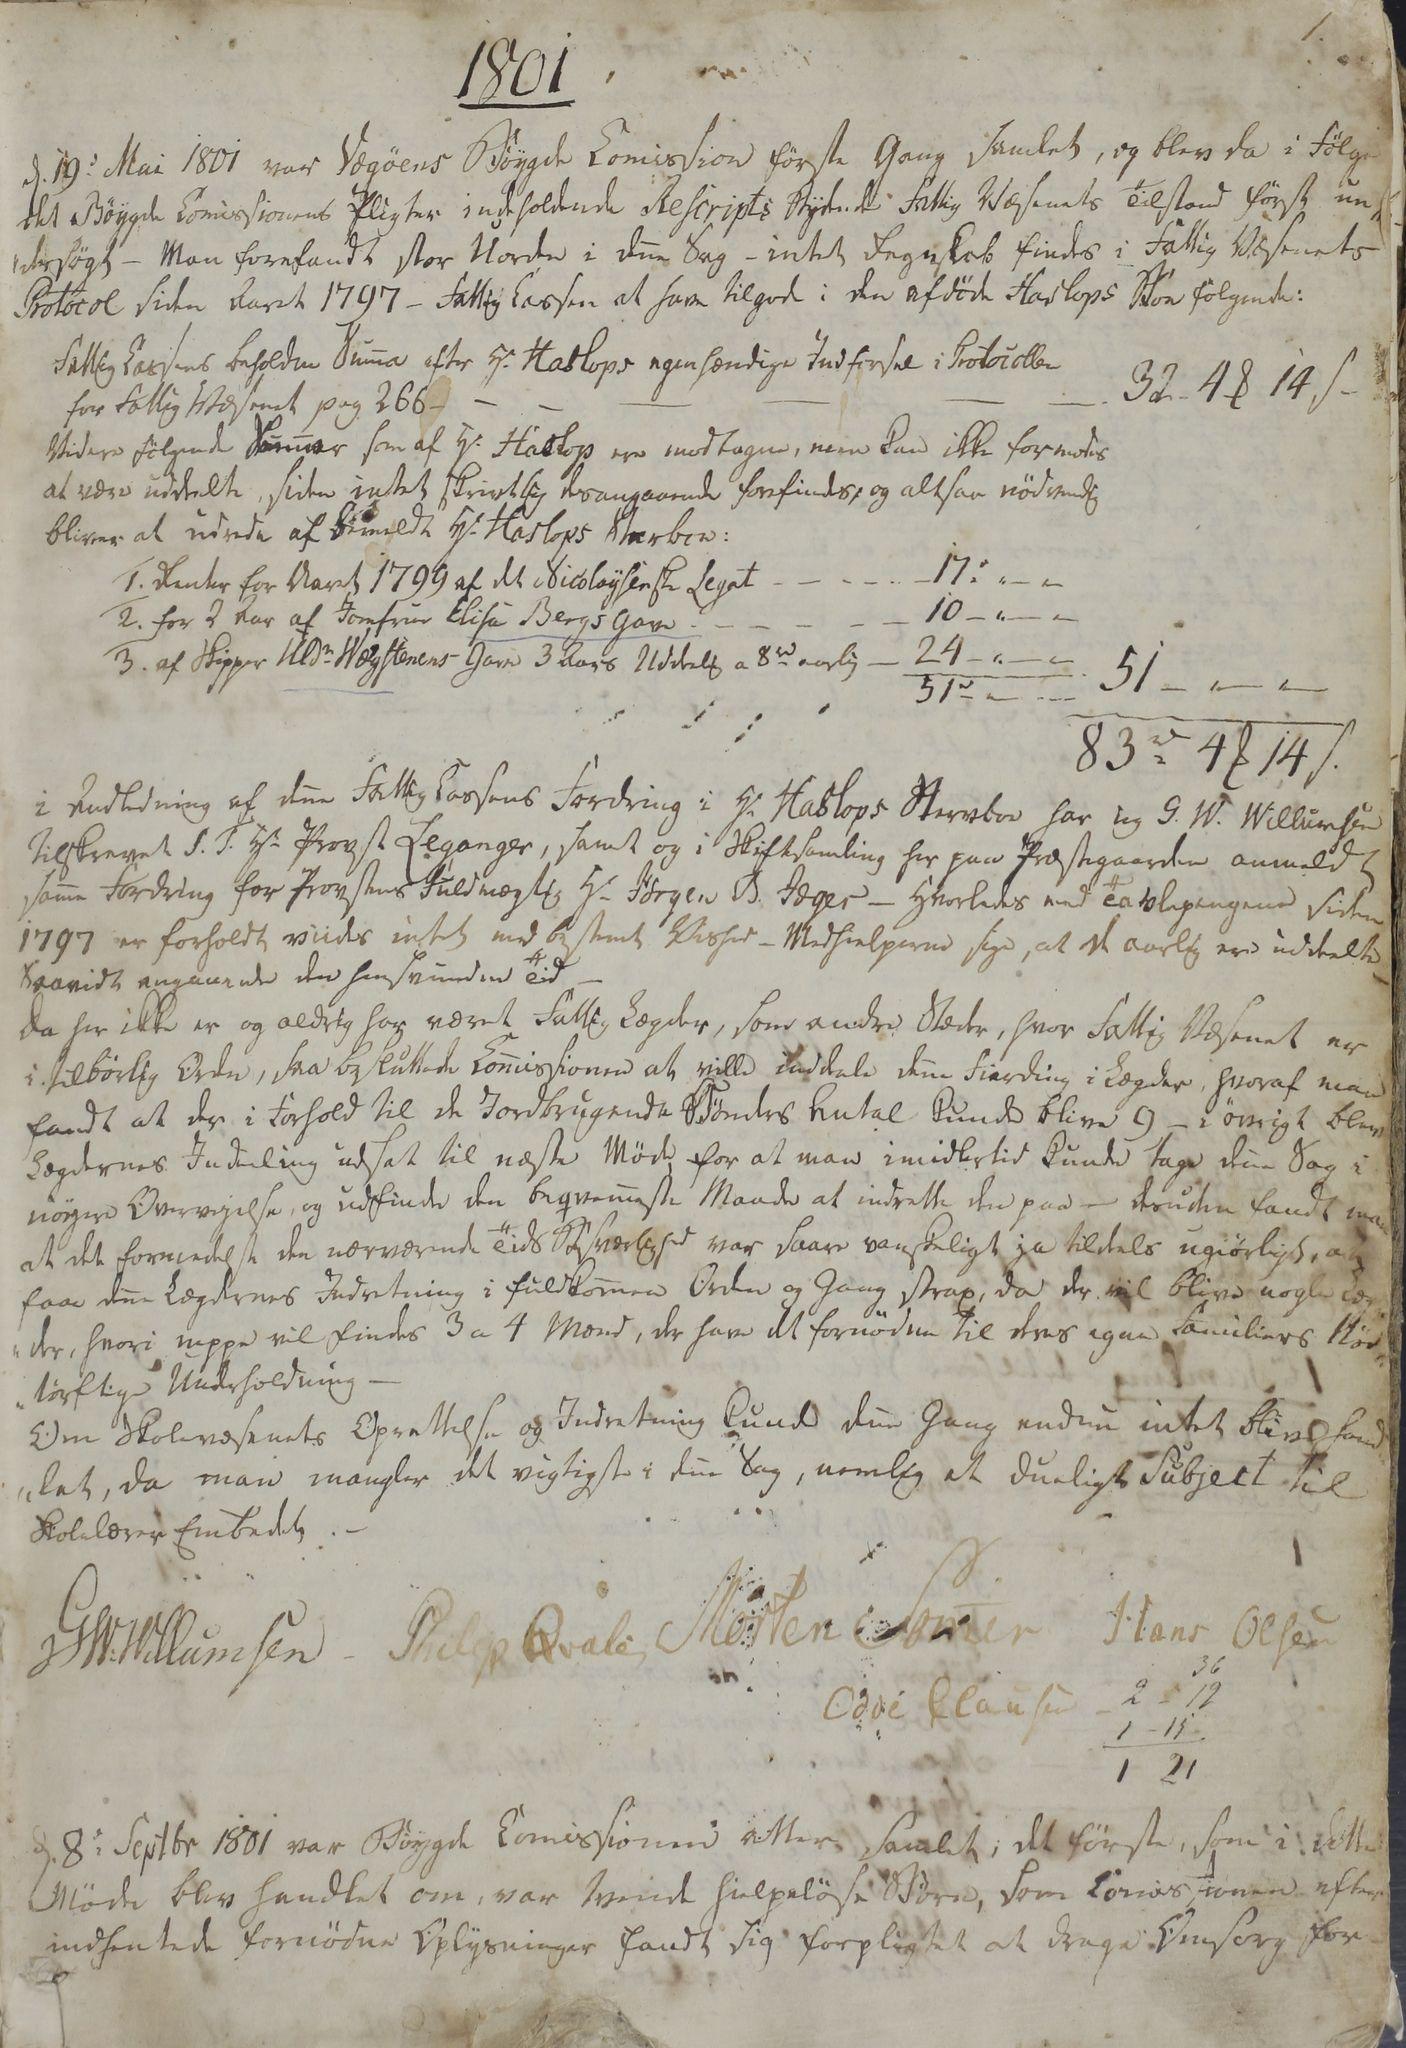 AIN, Vega kommune. Formannskapet, A/L0001: Møtebok, 1801-1846, s. 1